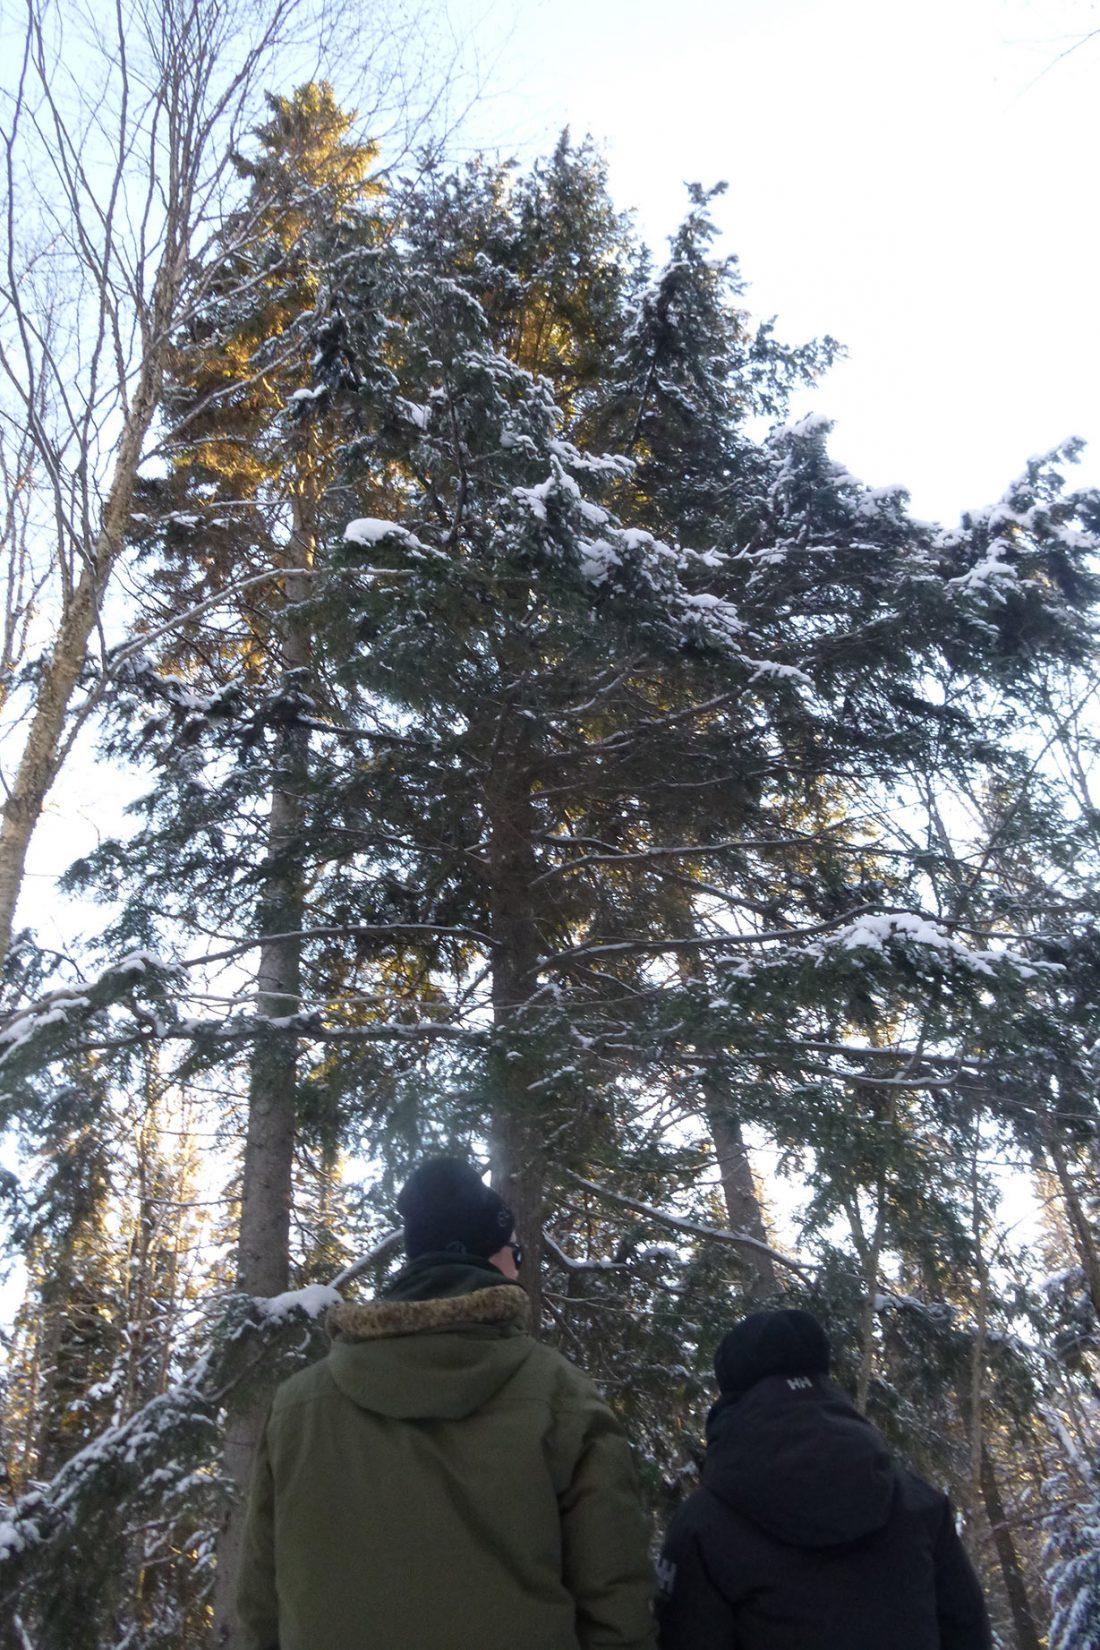 une chouette dans l'arbre